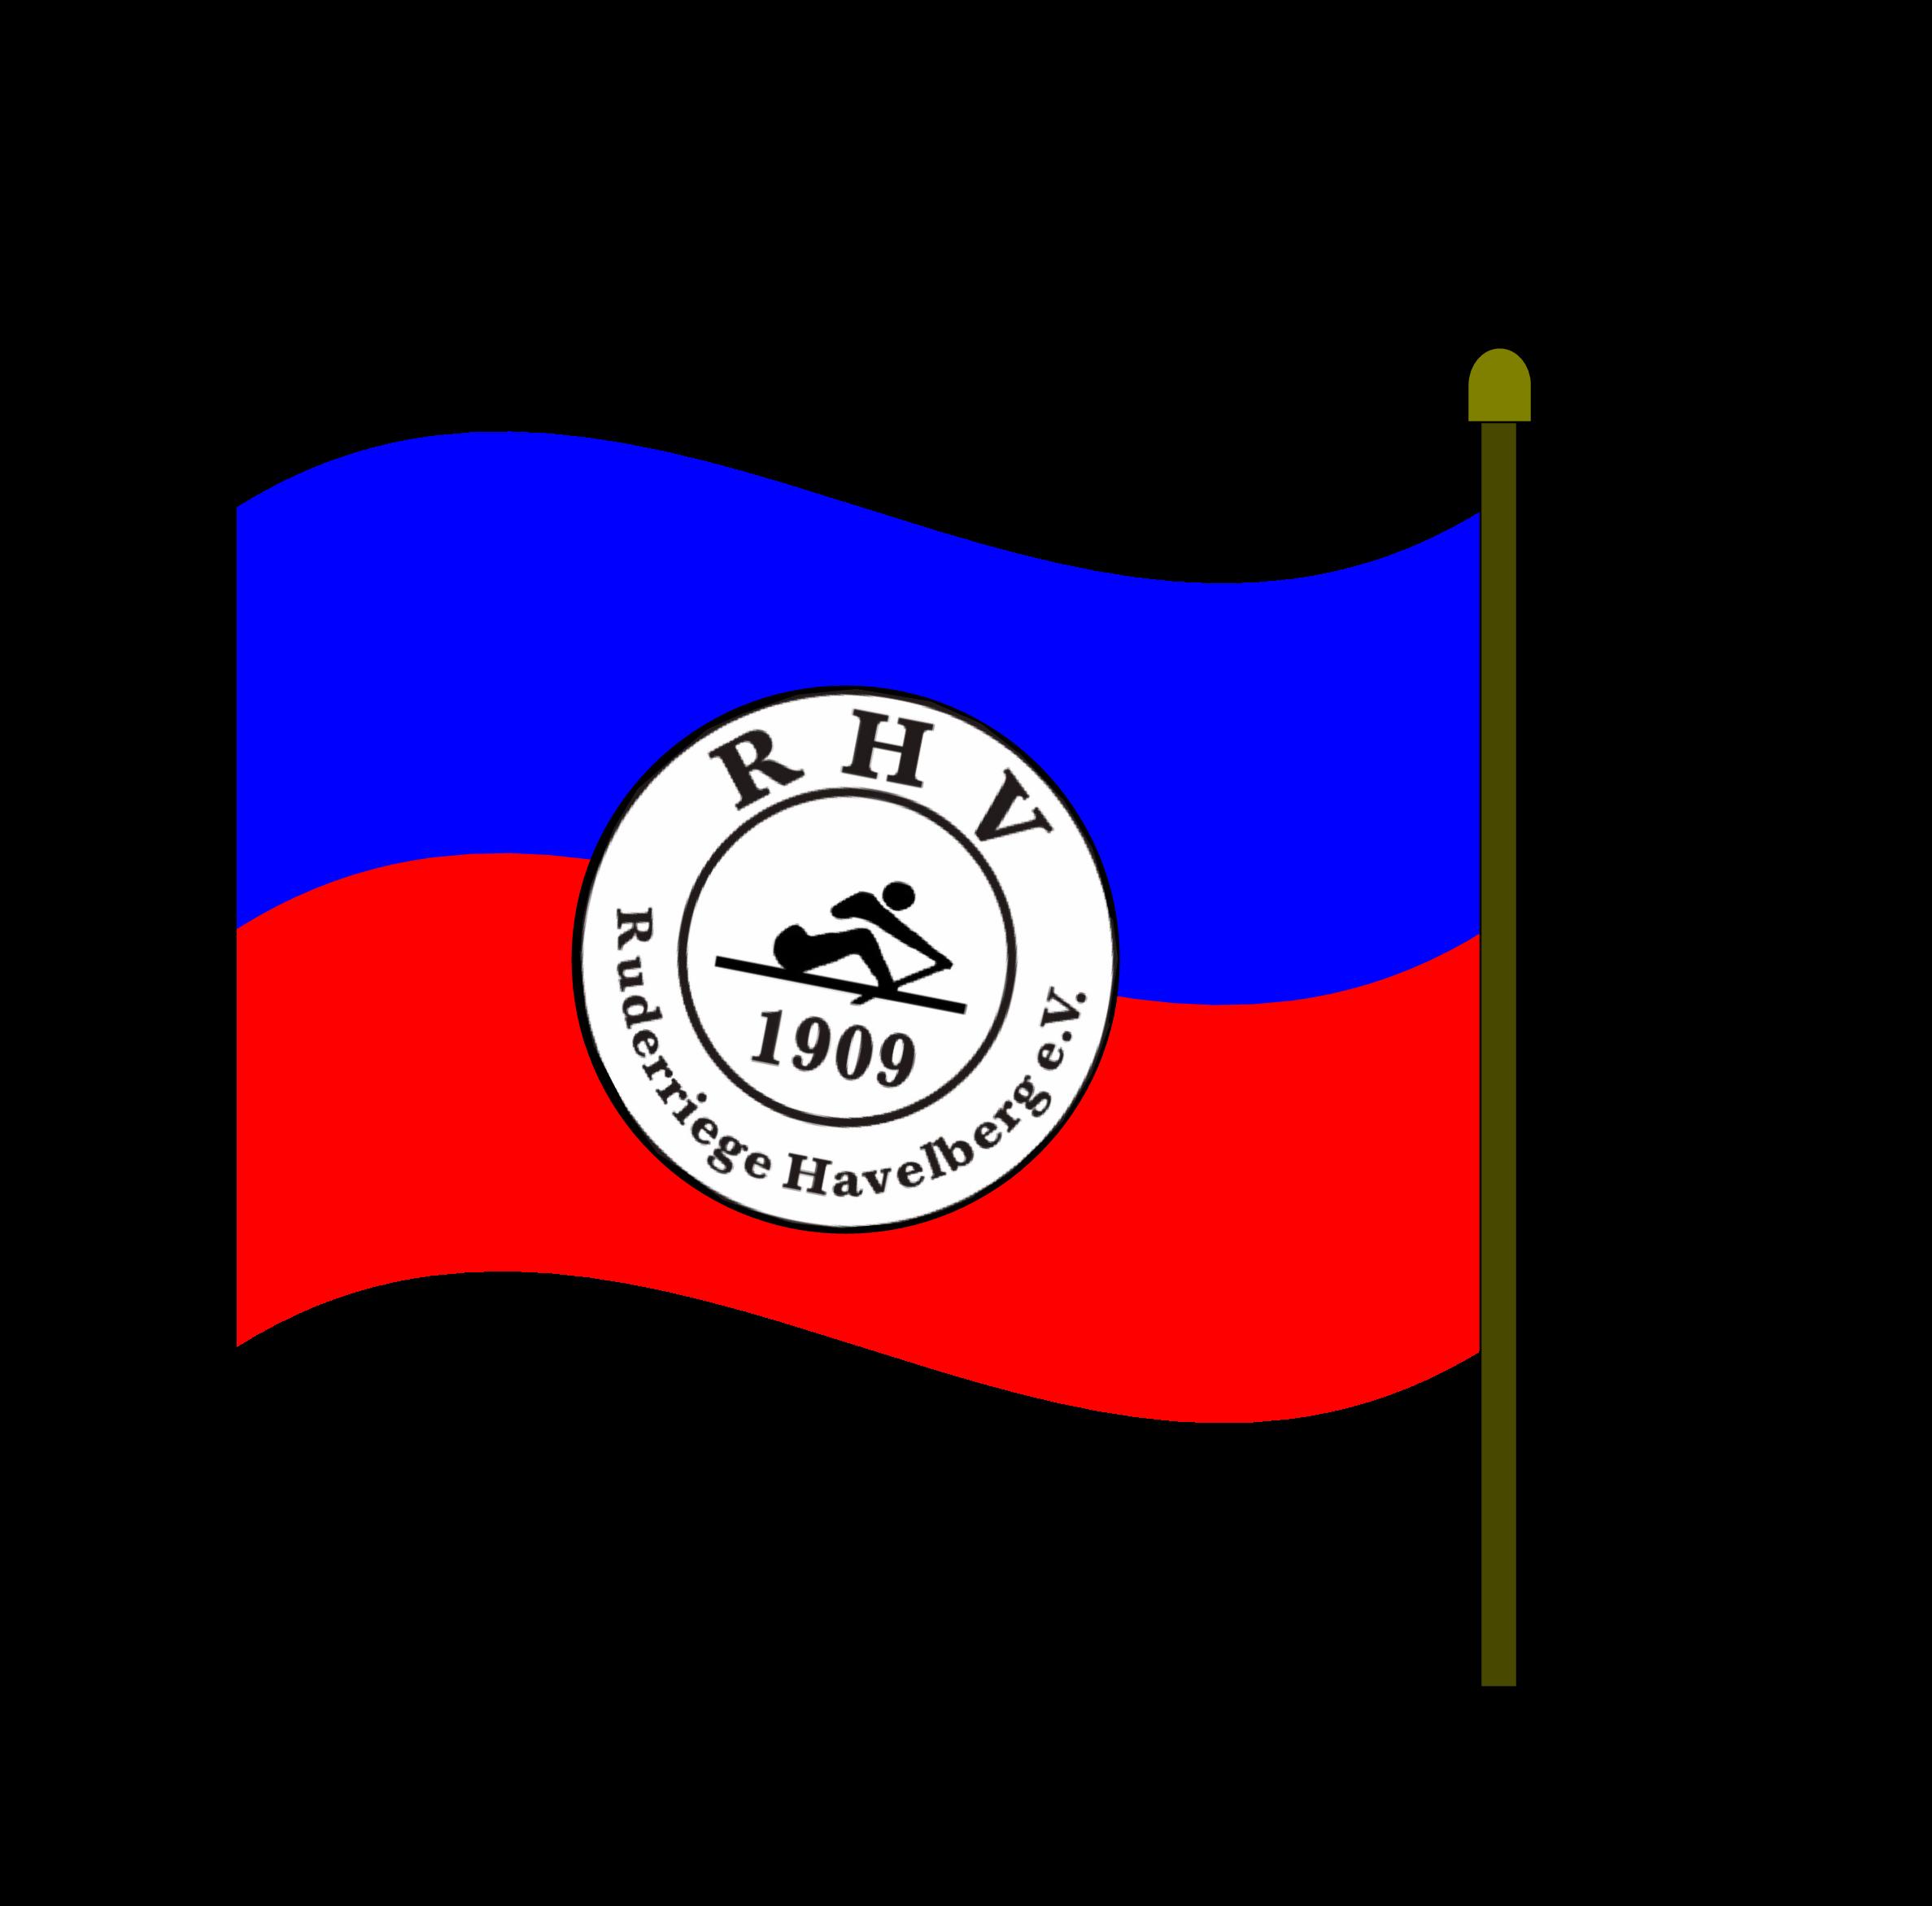 Flagge neu